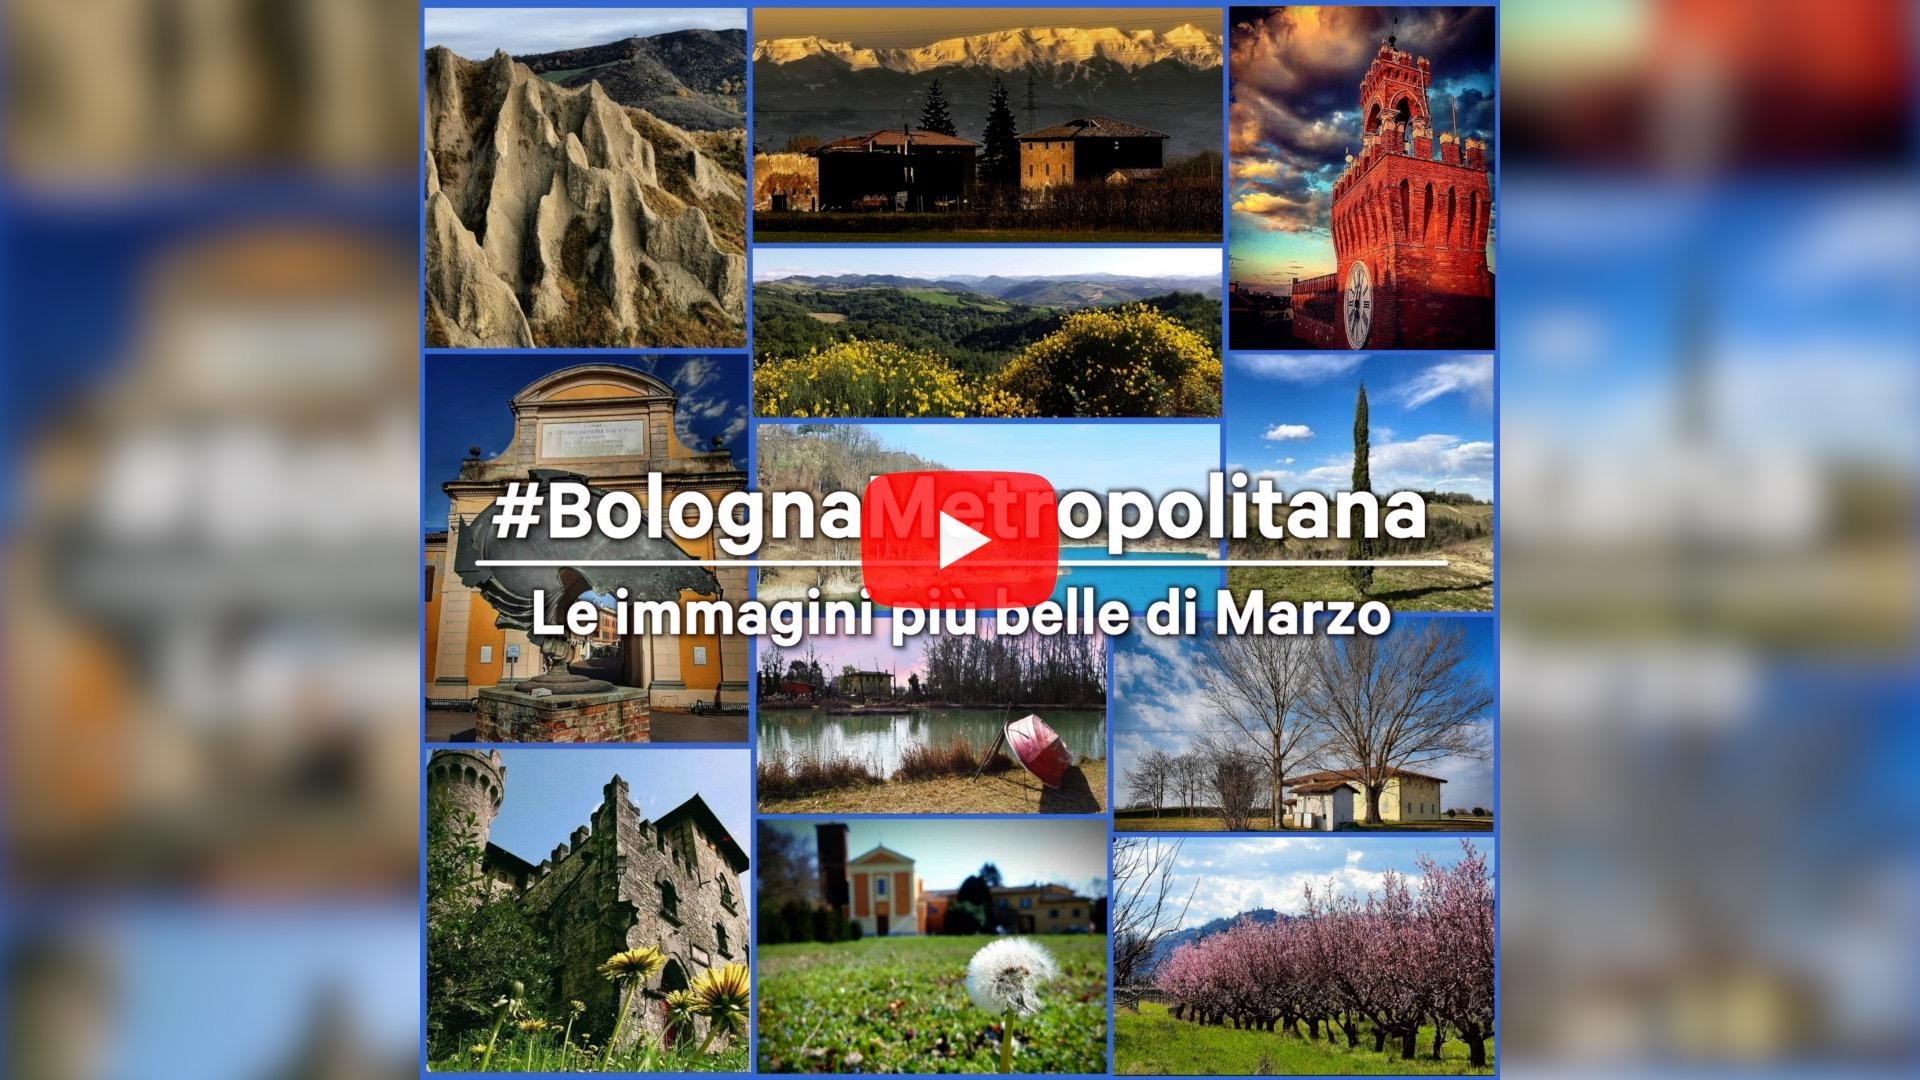 #BolognaMetropolitana - Le immagini più belle di marzo 2021